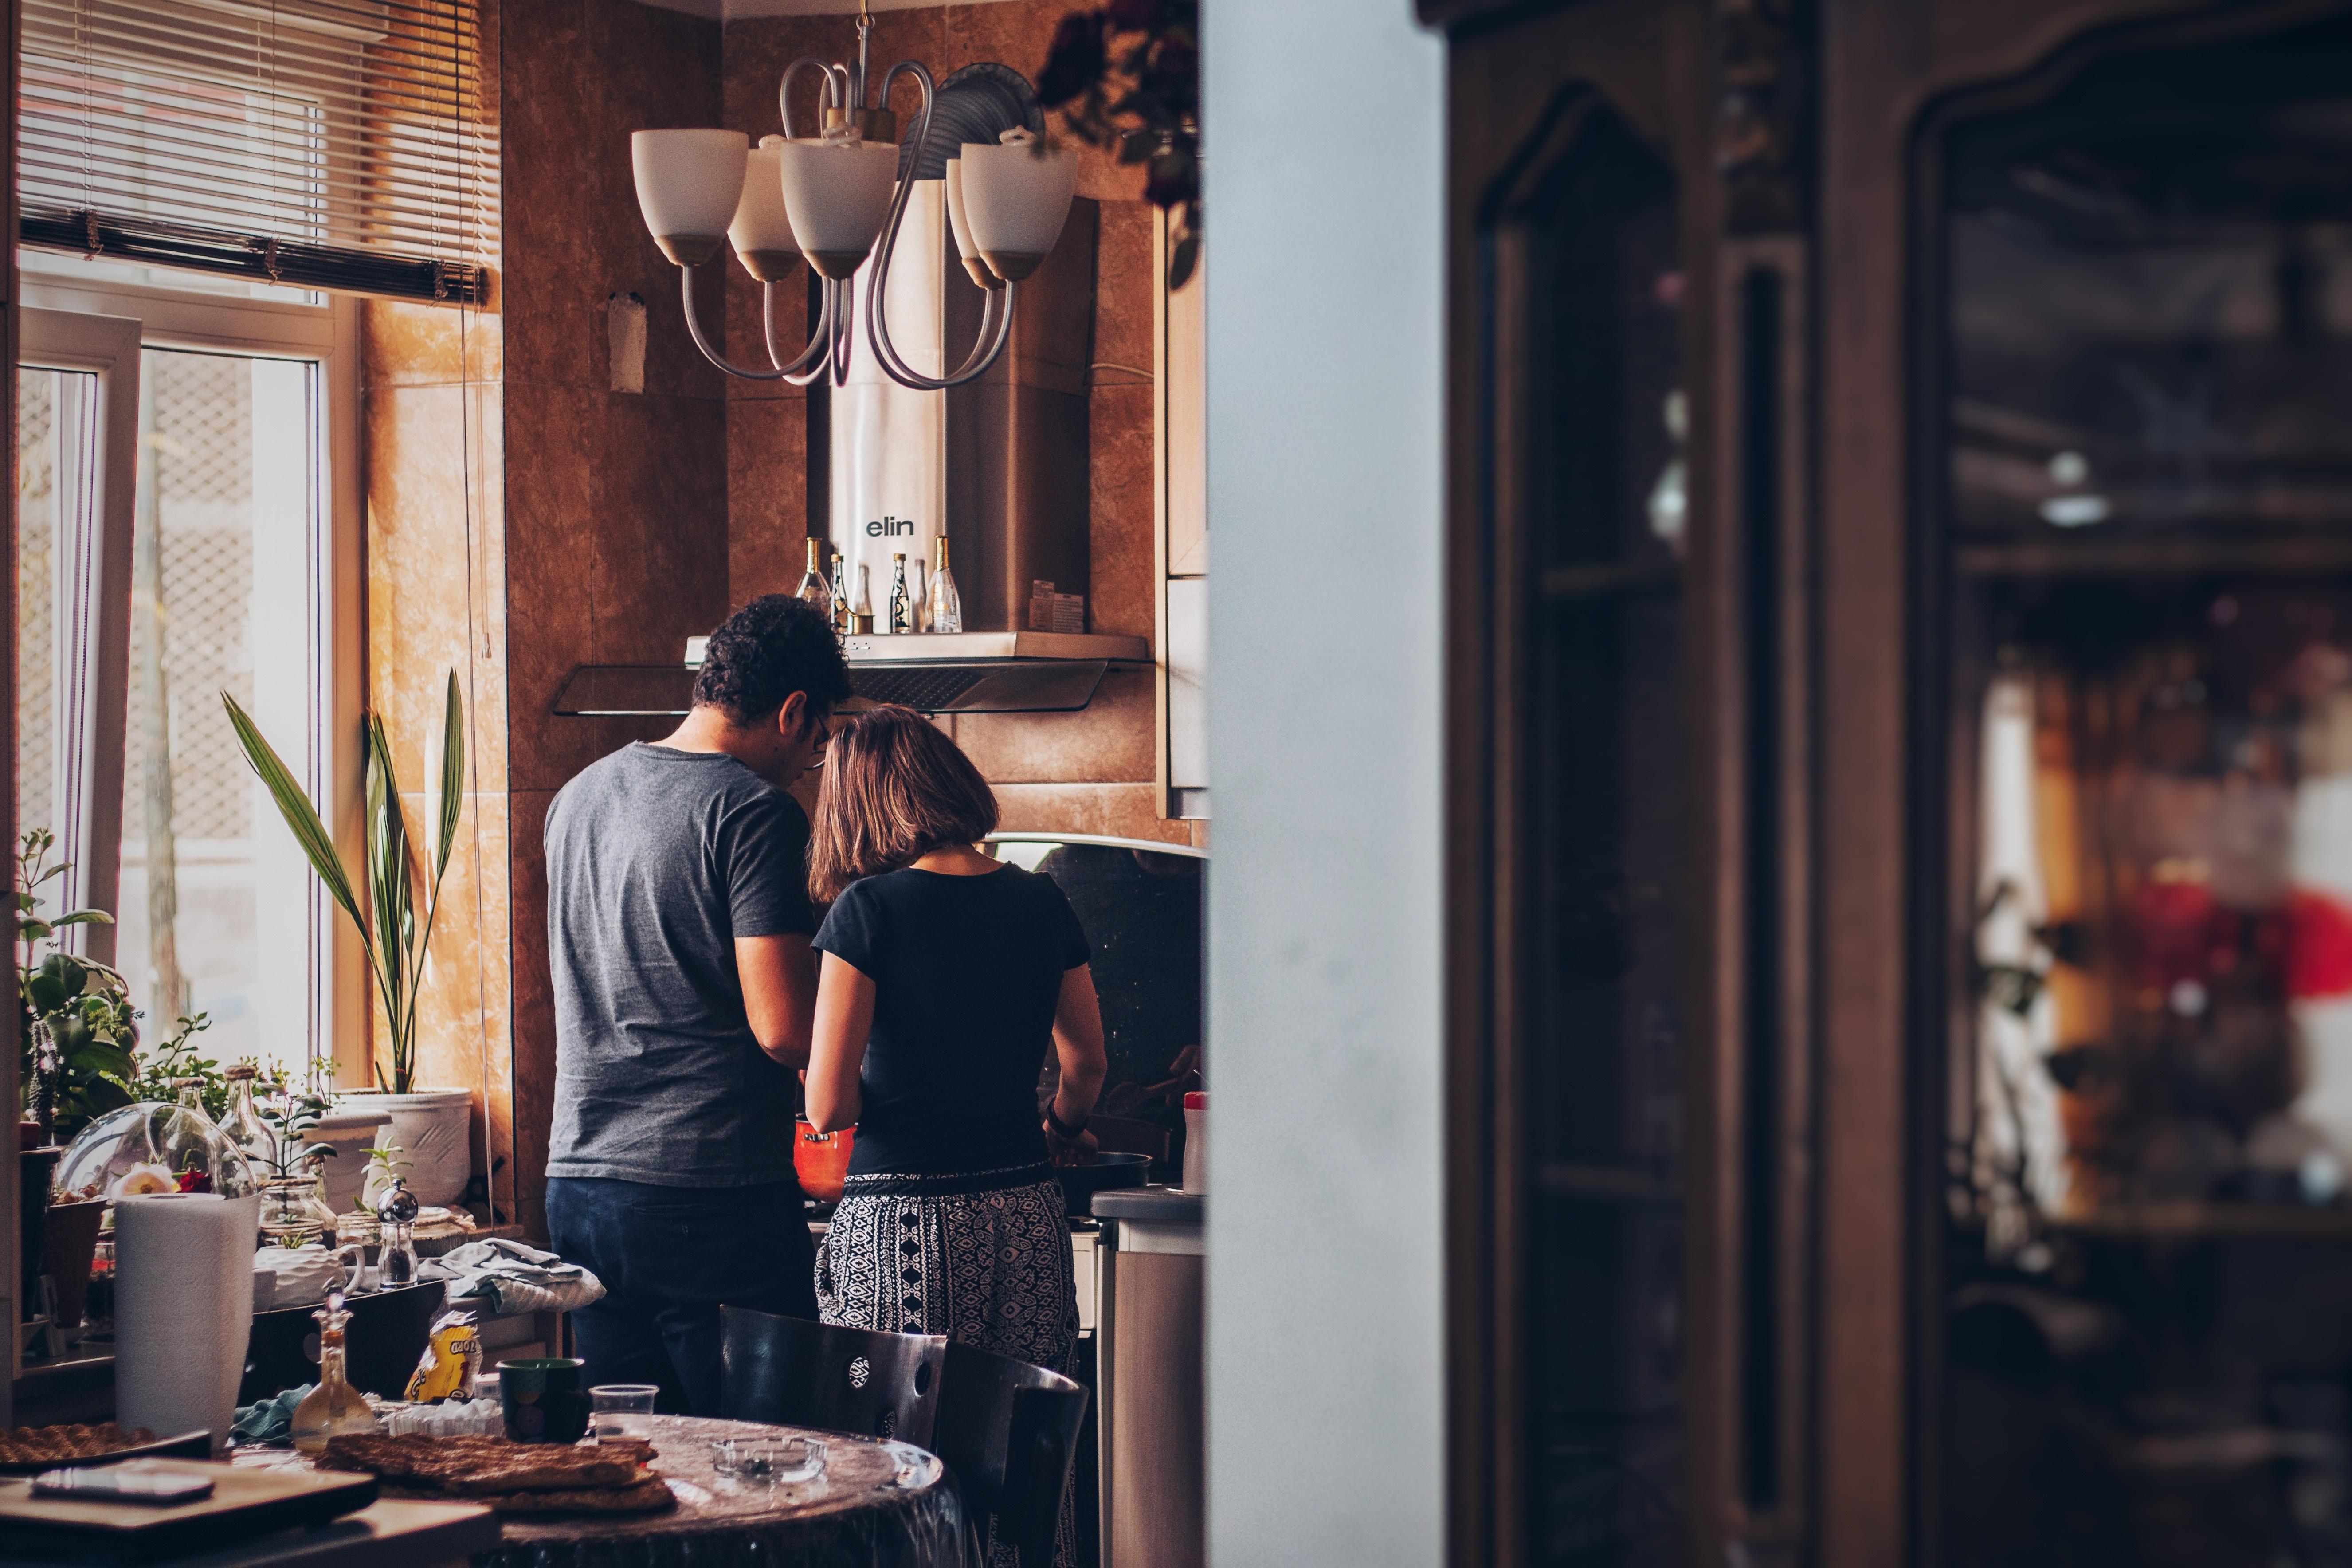 8 of the Best Kitchen Organization Hacks